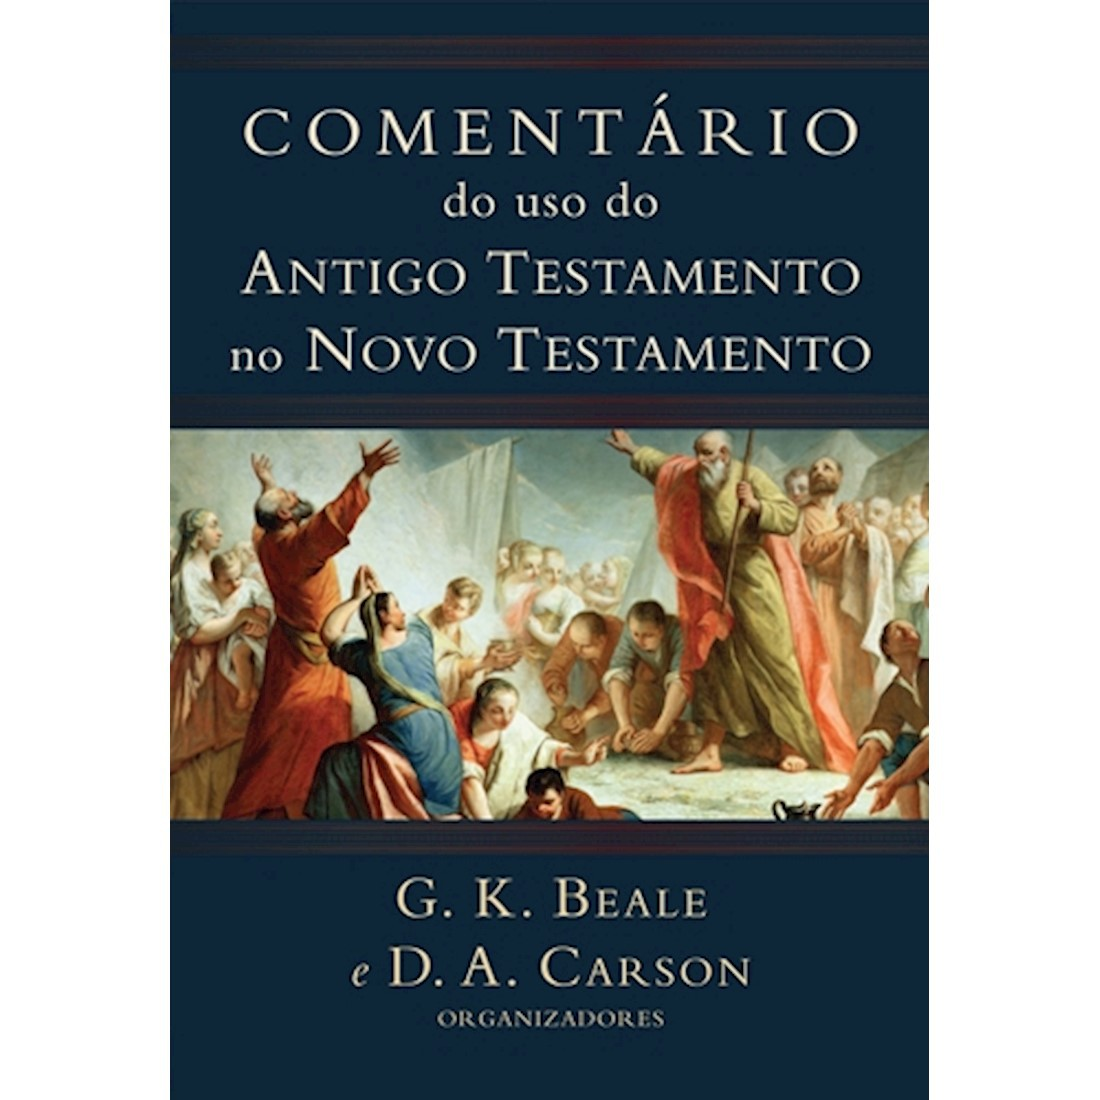 Comentário do Uso do Antigo Testamento no Novo Testamento